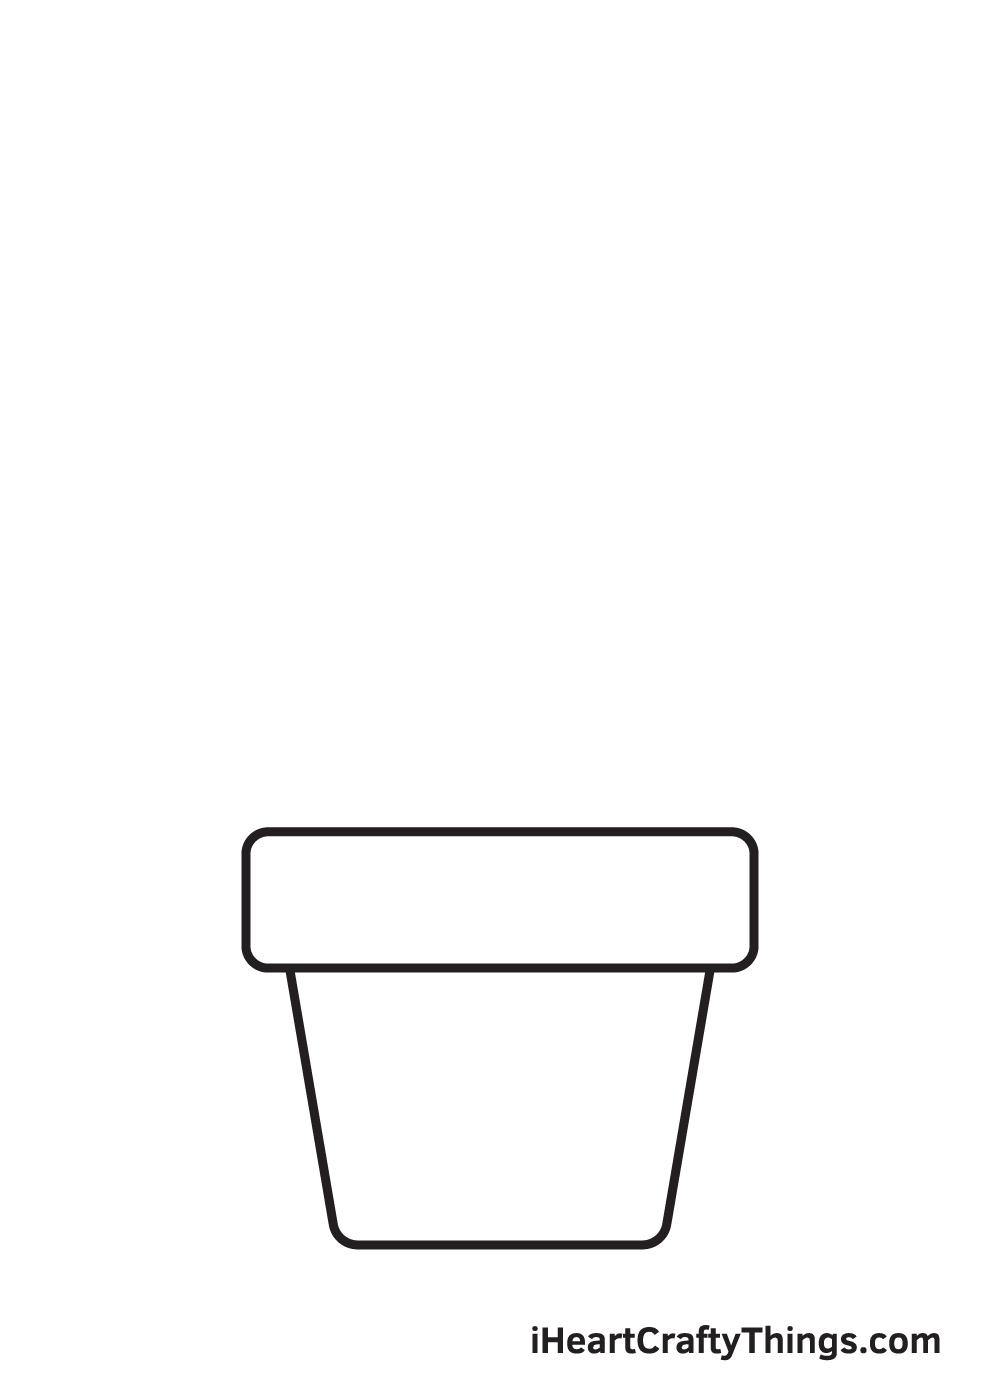 Bản vẽ thực vật - Bước 2